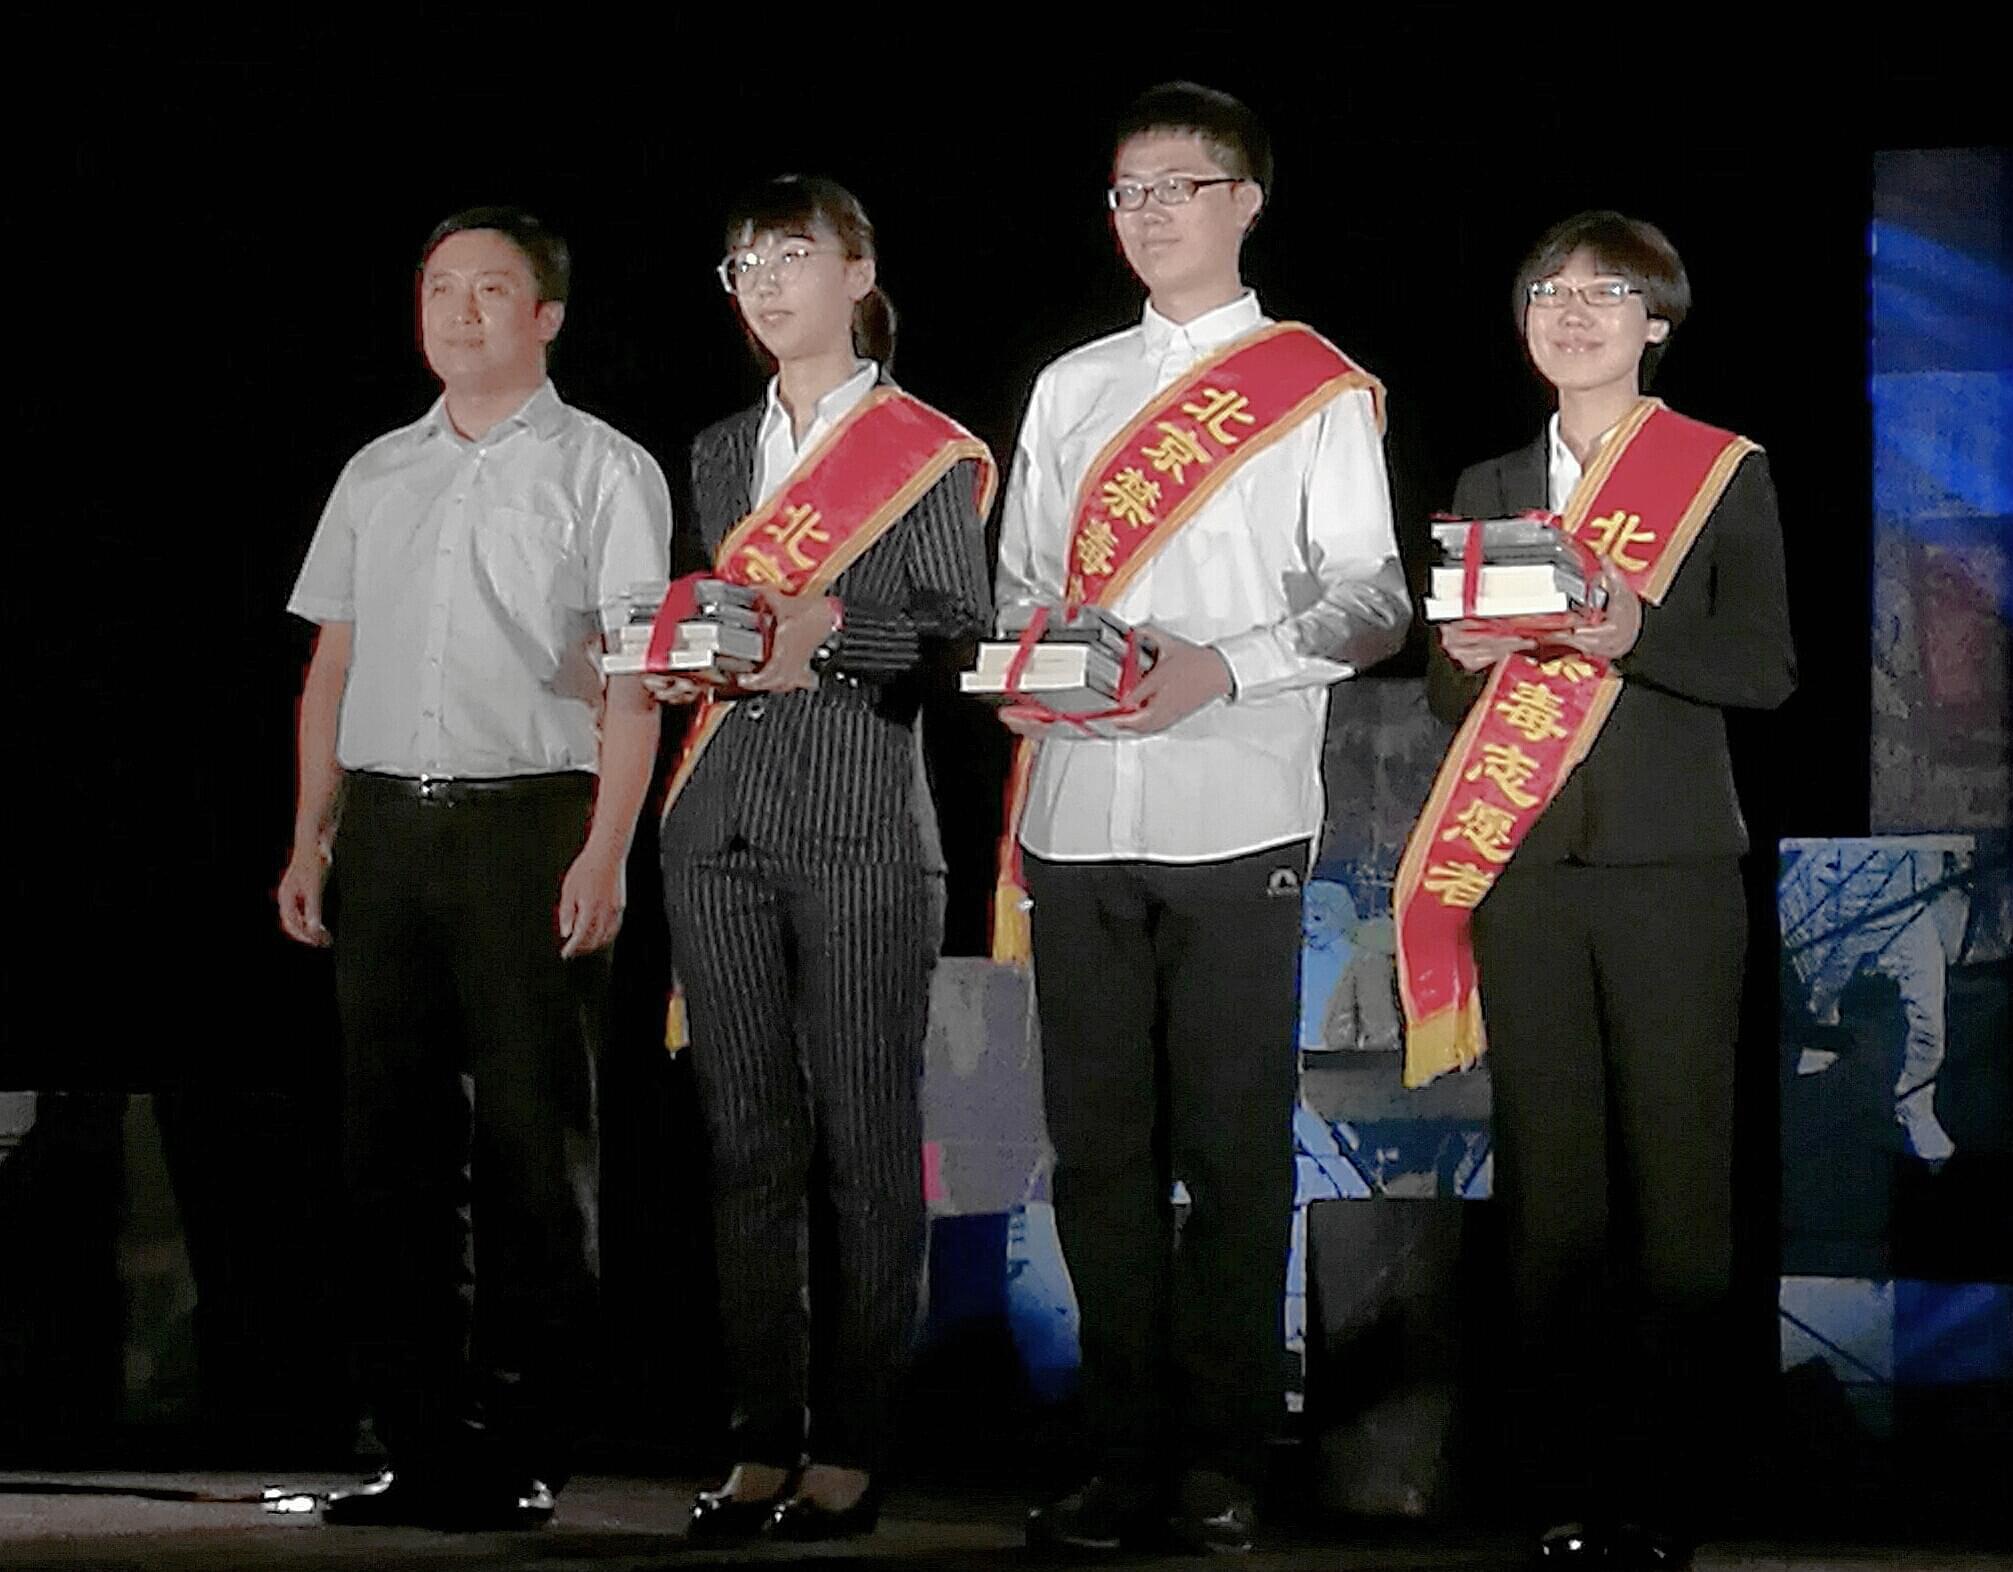 2、北京团市委副书记王洪涛代表团市委向禁毒志愿者赠送禁毒光盘、图书